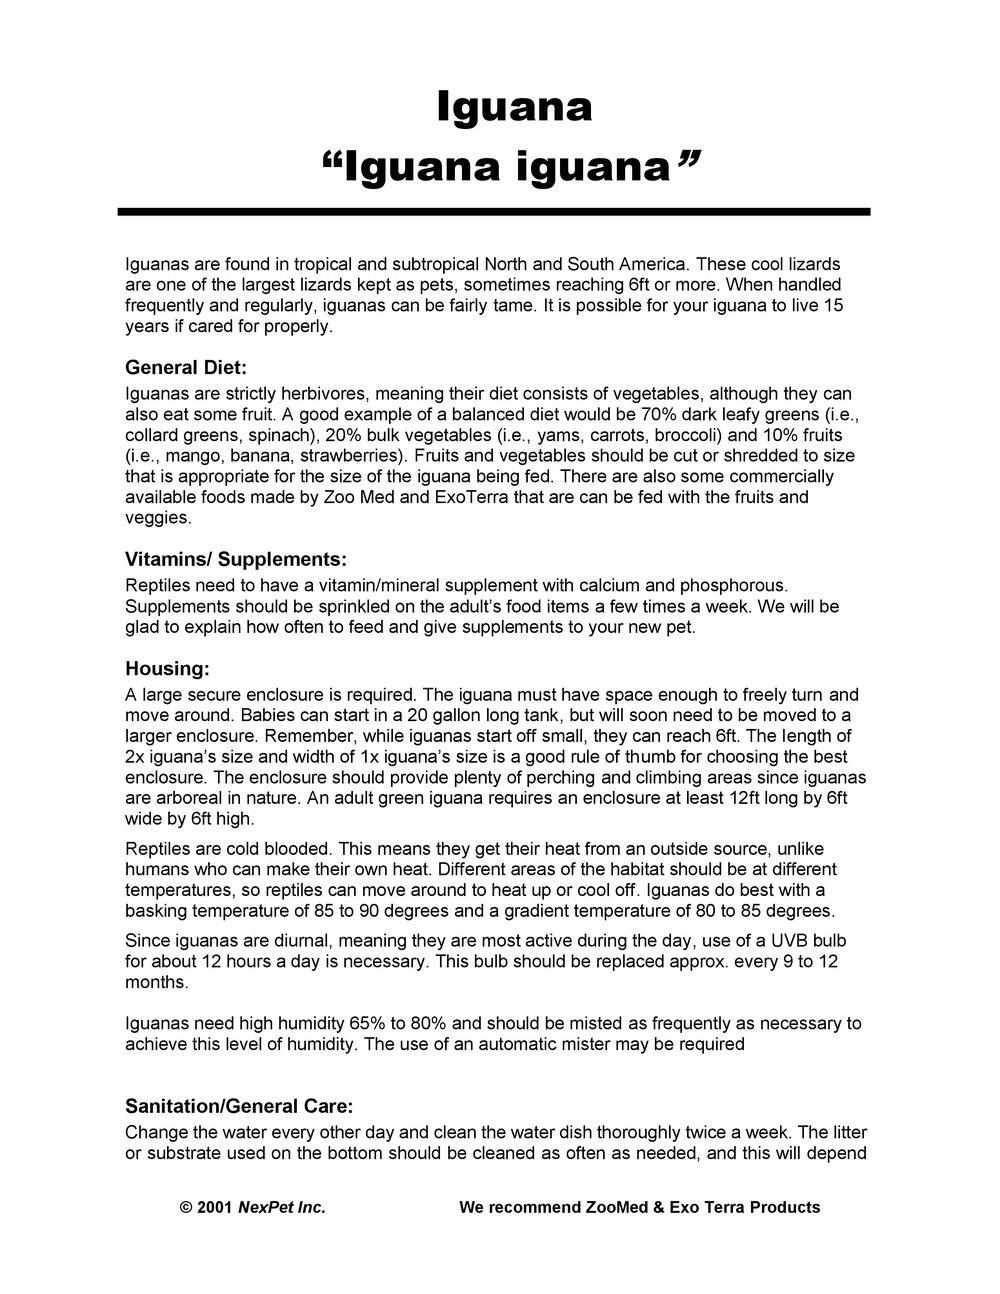 Iguana Care Sheet pg1